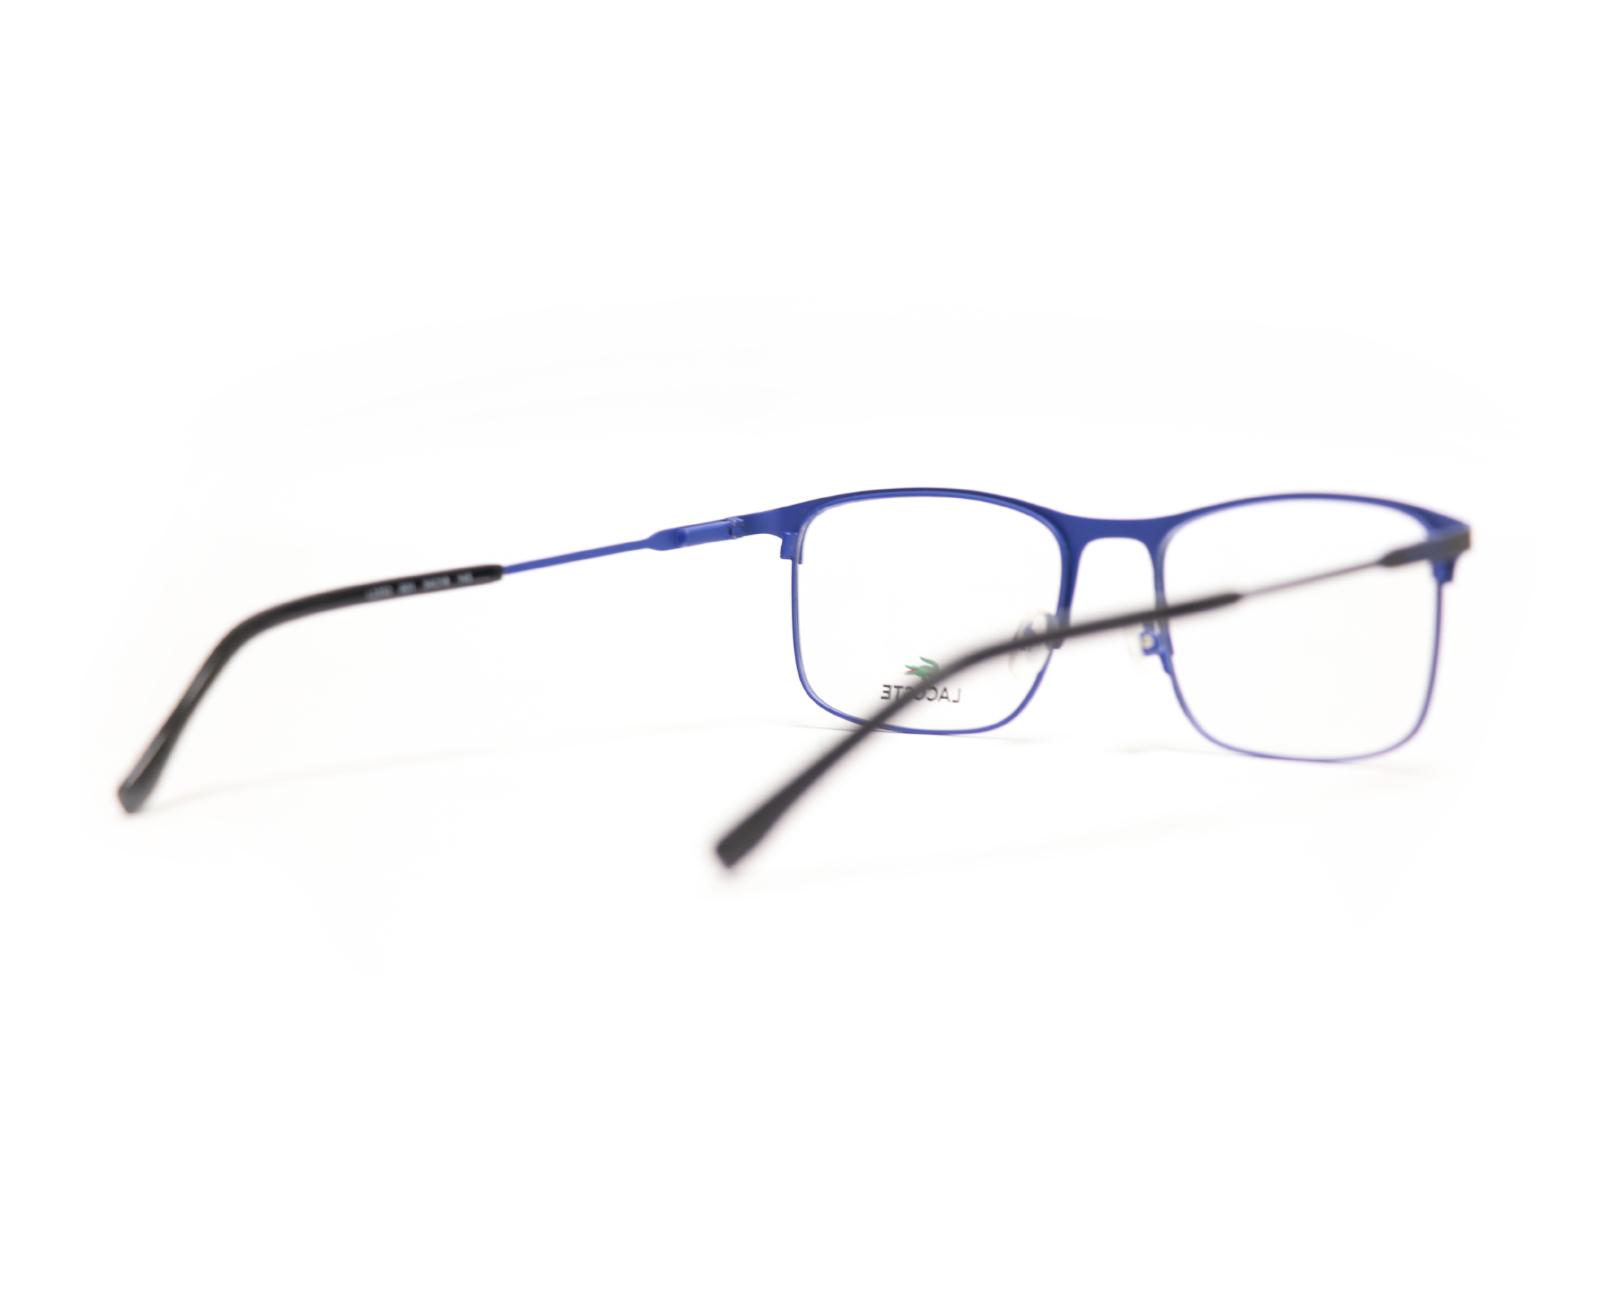 Lacoste L2252 in Matte Black Blue